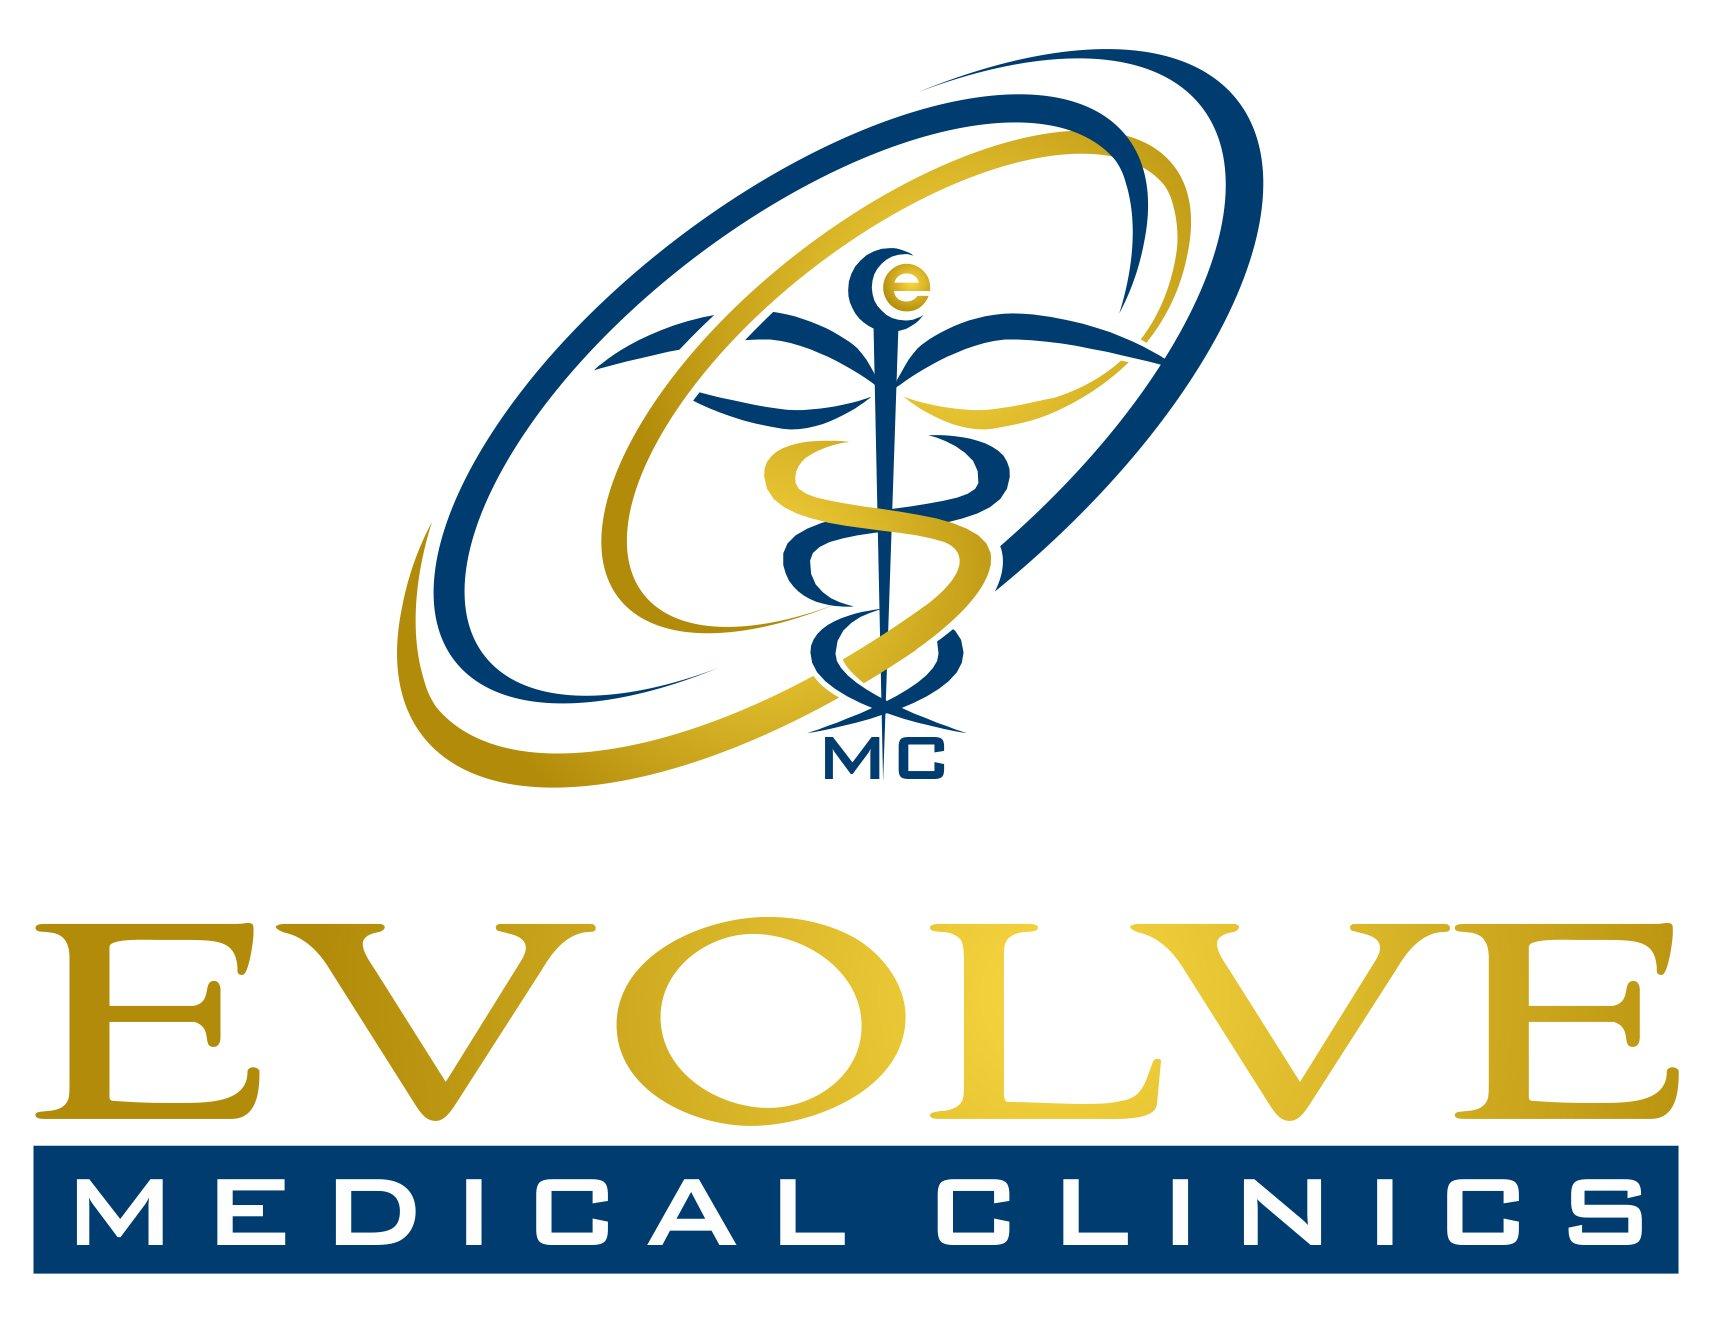 color-evolve_medical_clinics